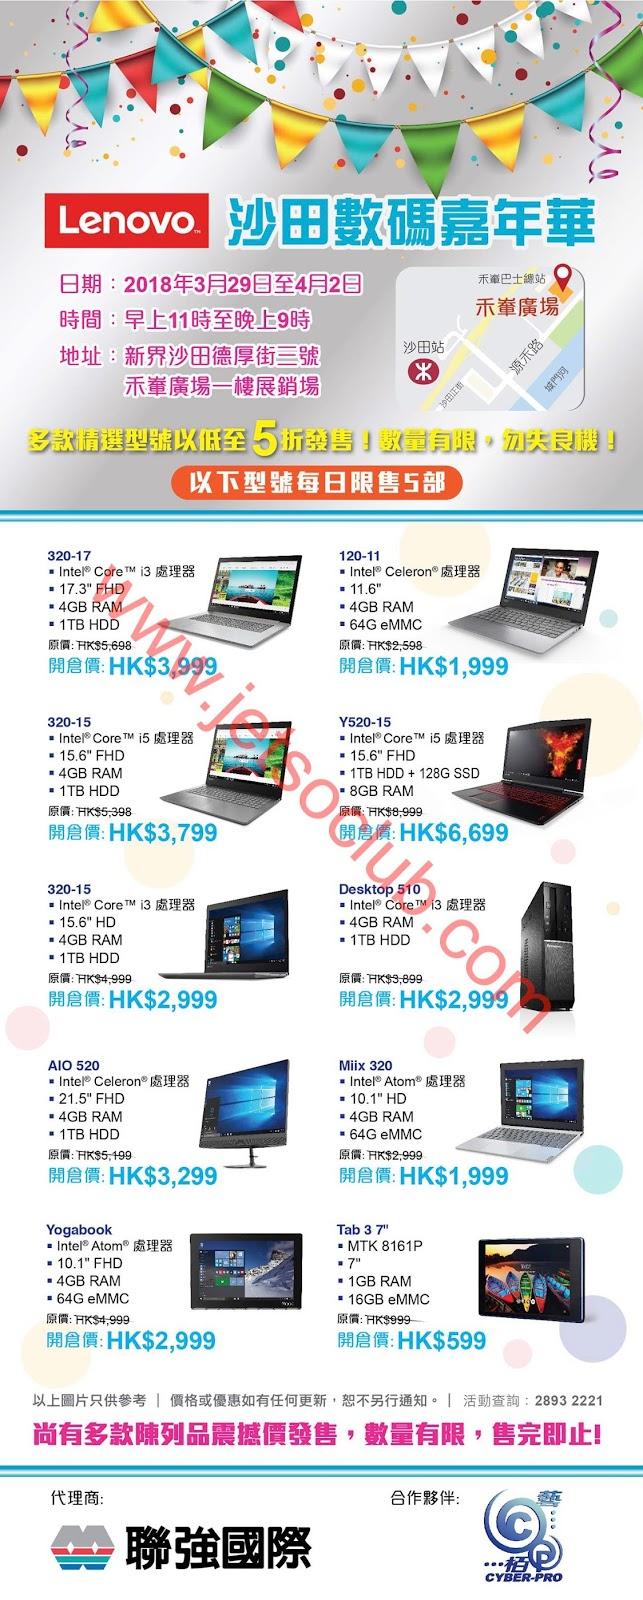 沙田數碼嘉年華 - 電腦優惠大減價 低至5折(29/3-2/4) ( Jetso Club 著數俱樂部 )